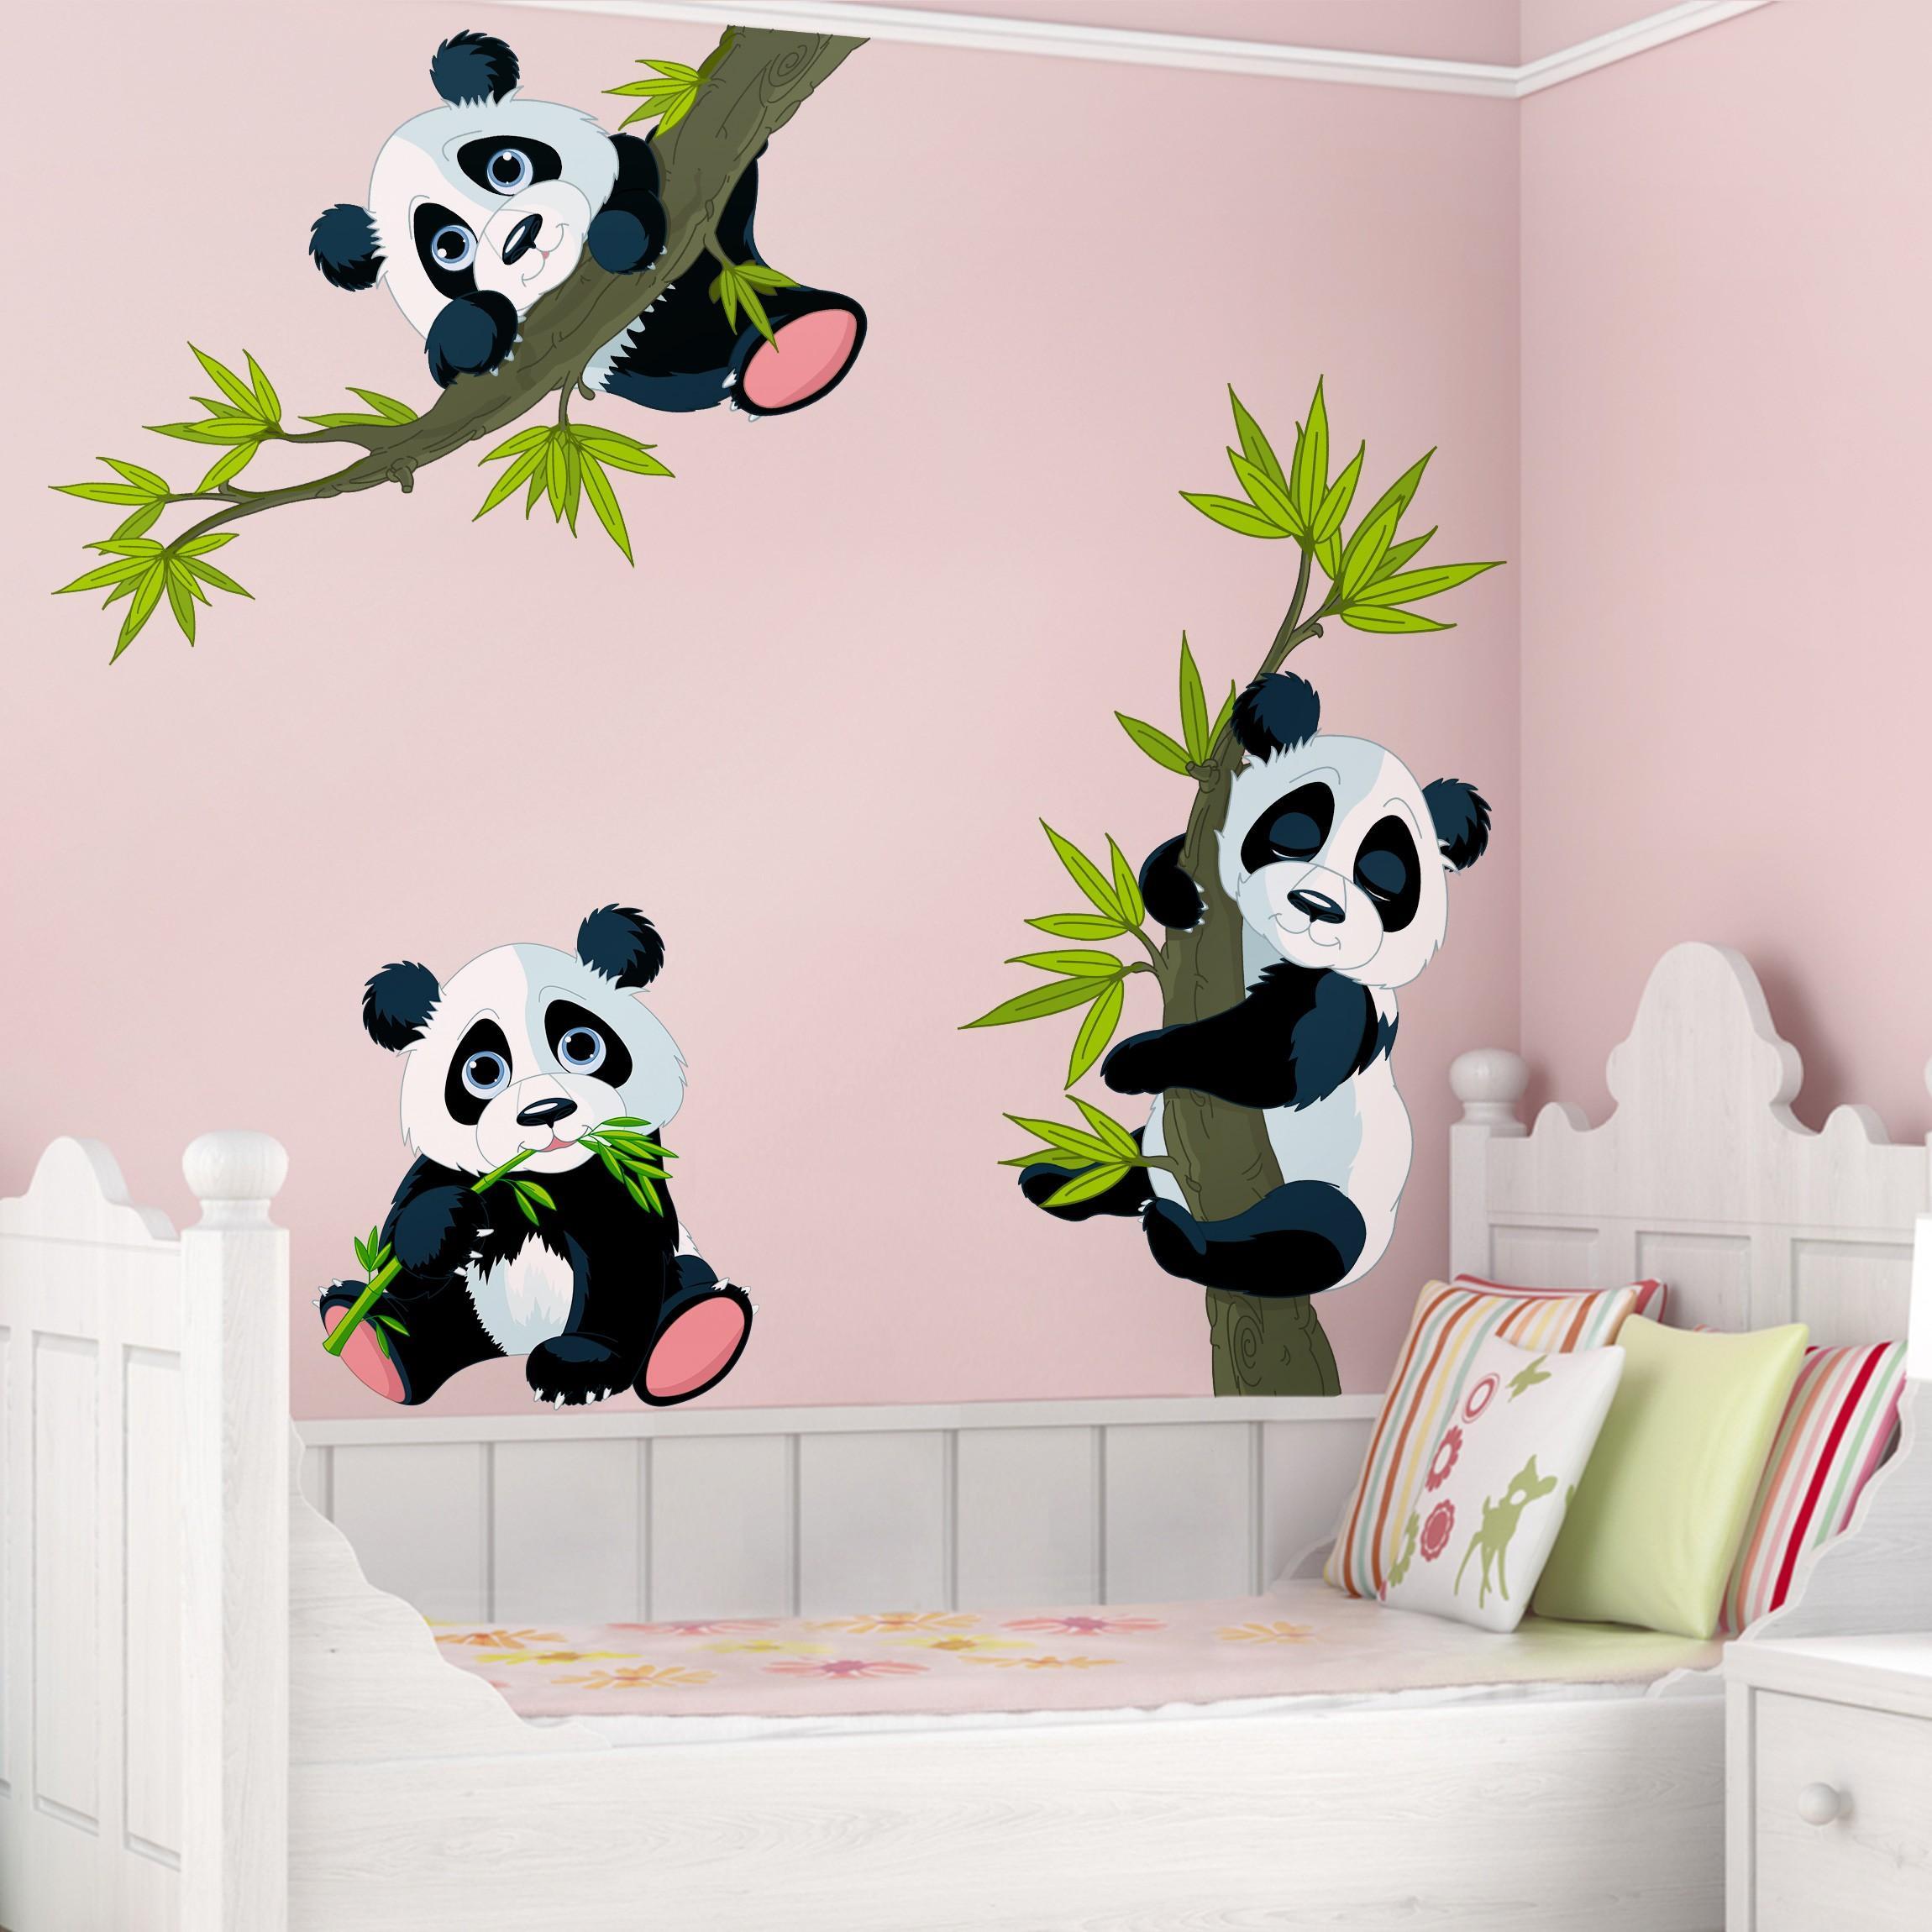 Doplnky do bytu domu samolepky na stenu detsk izba samolepka na stenu panda 3 ks for Wandtattoo babyzimmer junge